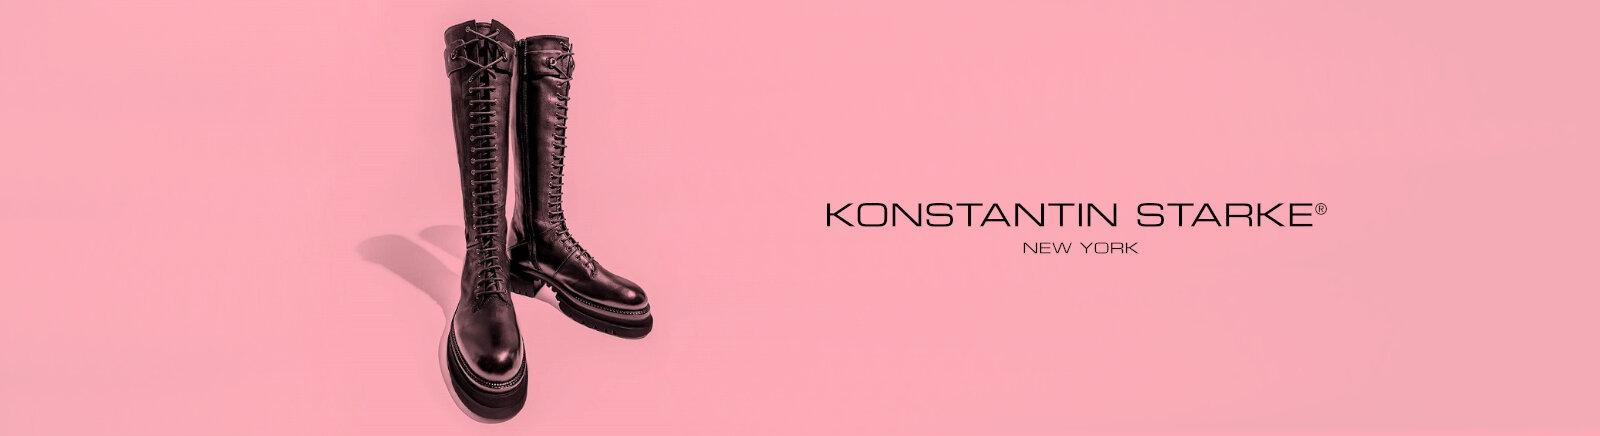 Juppen: Konstantin Starke Hausschuhe für Damen online shoppen